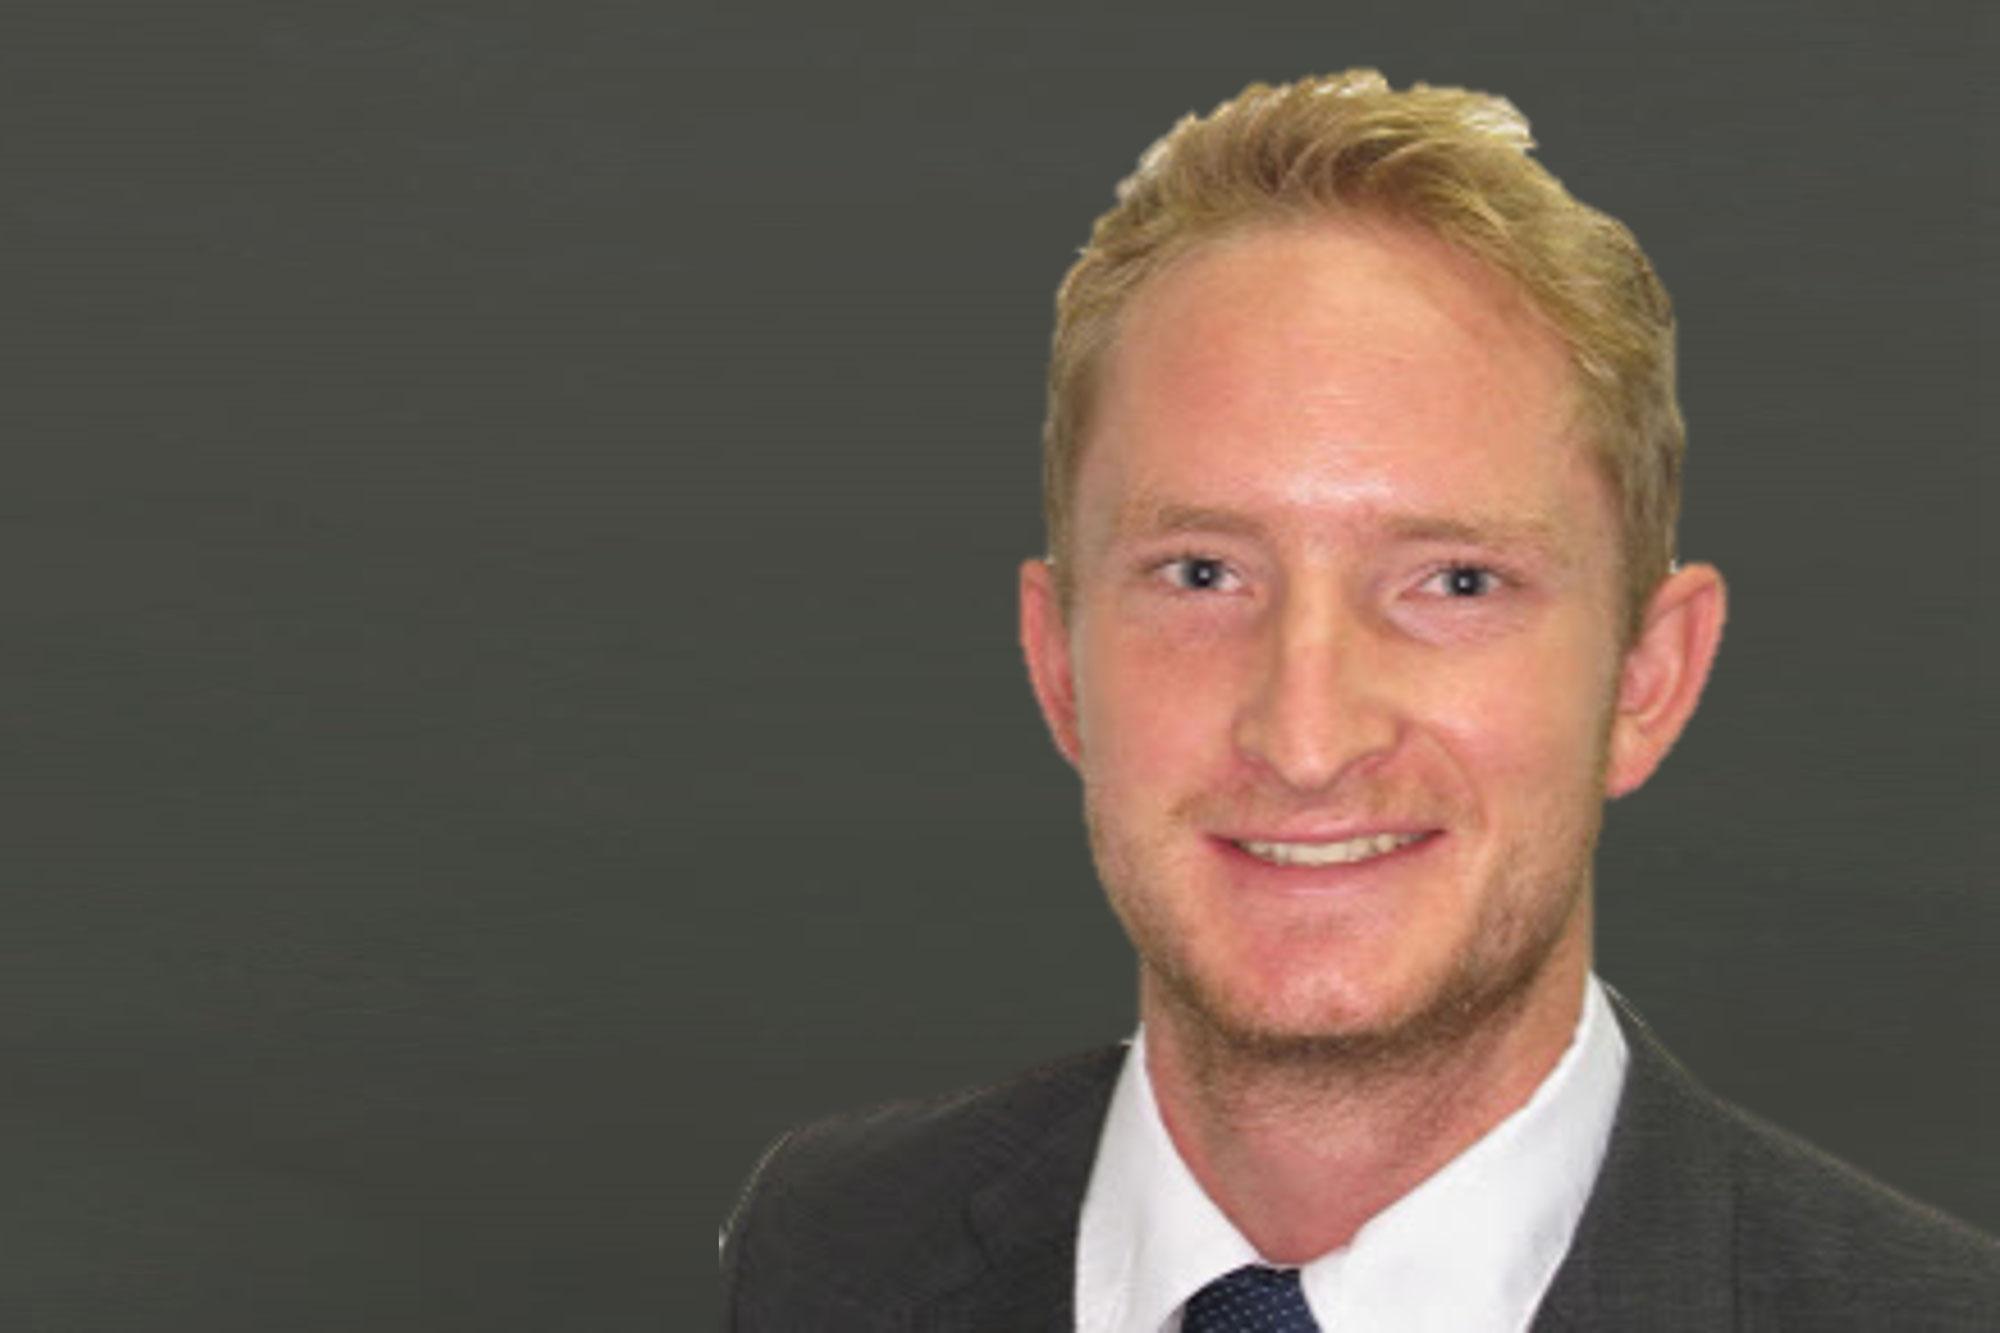 Unter der Leitung von Jascha Klenk tritt Status Labs in den kontinentaleuropäischen Markt ein